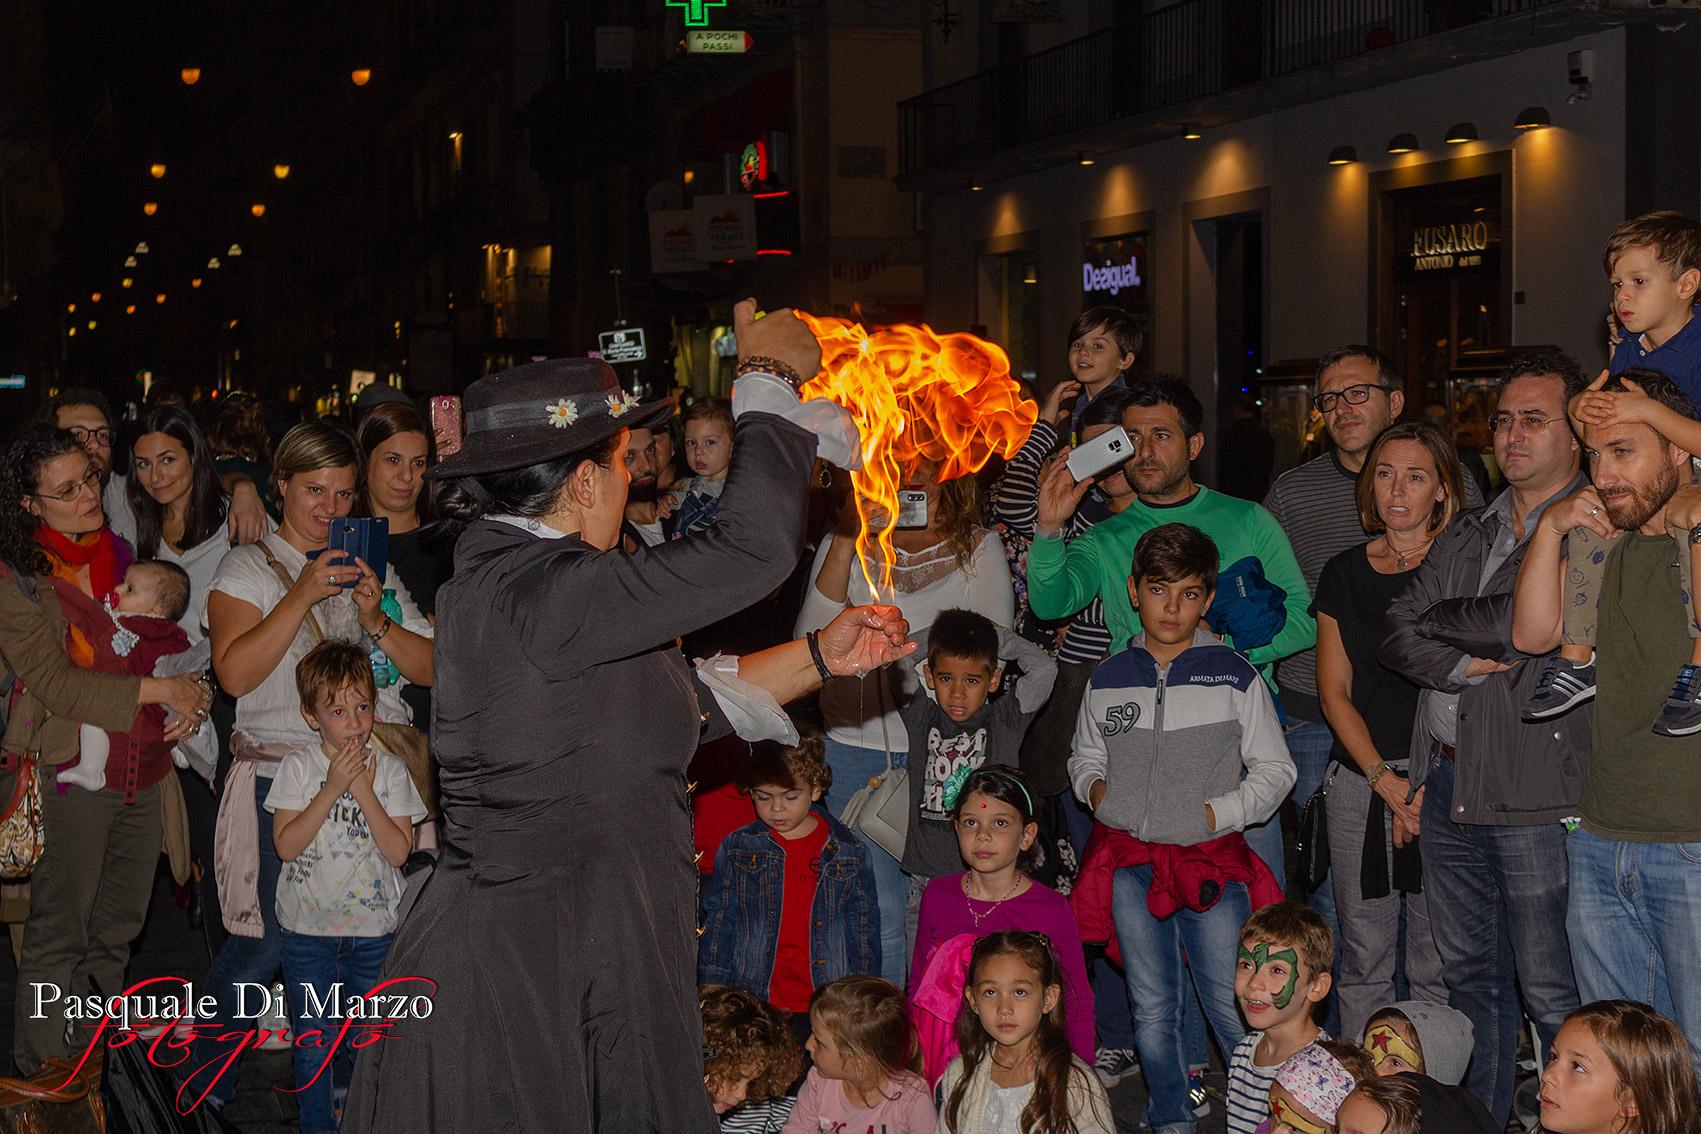 IMG 7053 A NAPOLI IN VIA TOLEDO LA SECONDA EDIZIONE DEL NAPOLI BUSKERS FESTIVAL, LA FOTOGALLERY